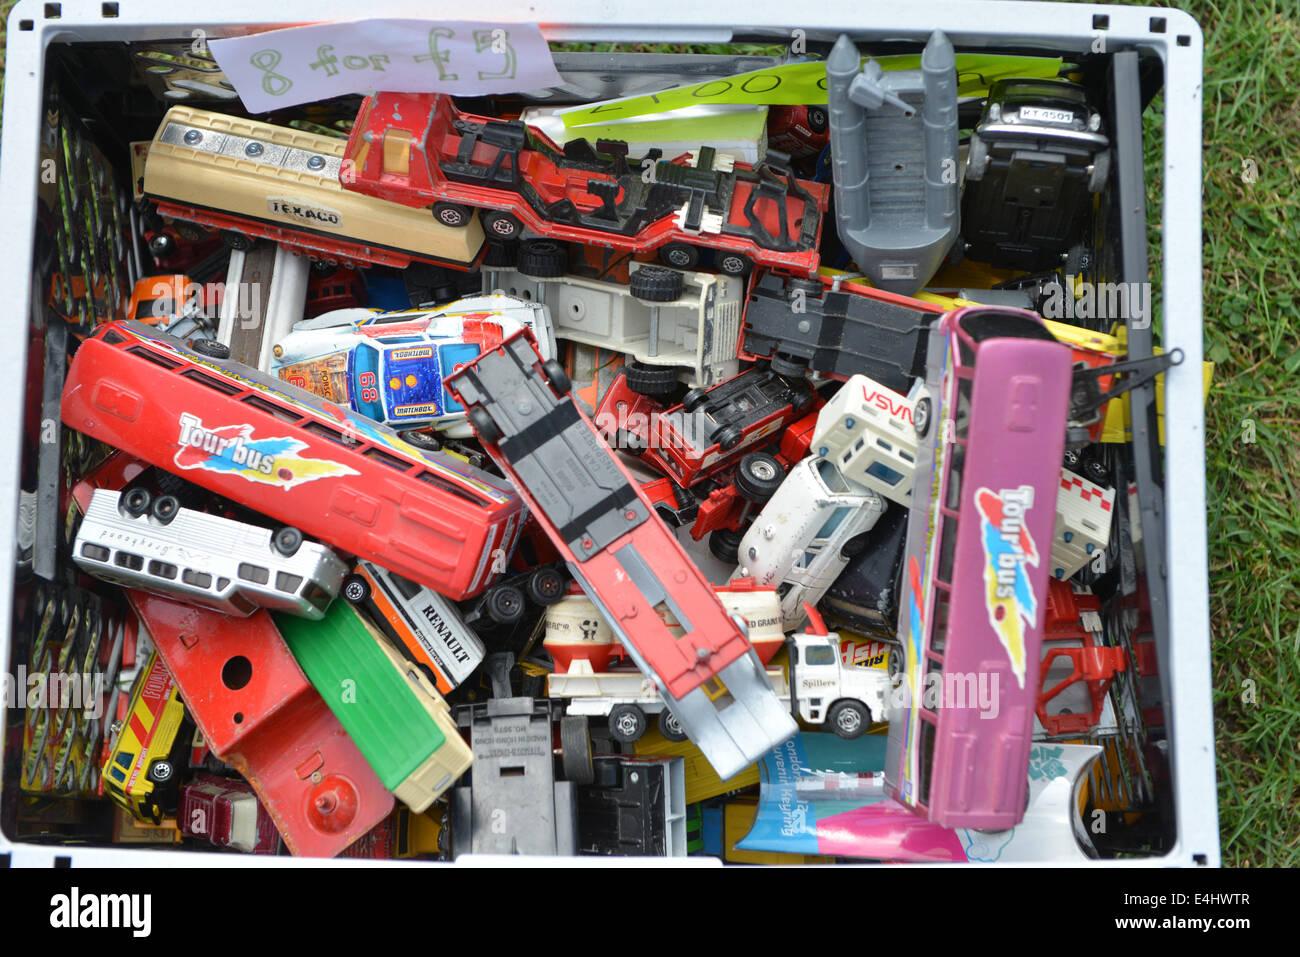 En Finsbury Park, Londres, Reino Unido. El 12 de julio de 2014. Modelos y puestos de venta de libros en los autobuses Routemaster Festival en Finsbury Park, con 100 autobuses Routemaster en mostrar celebrando el Jubileo de Diamantes de la Asociación. Crédito: Matthew Chattle/Alamy Live News Foto de stock